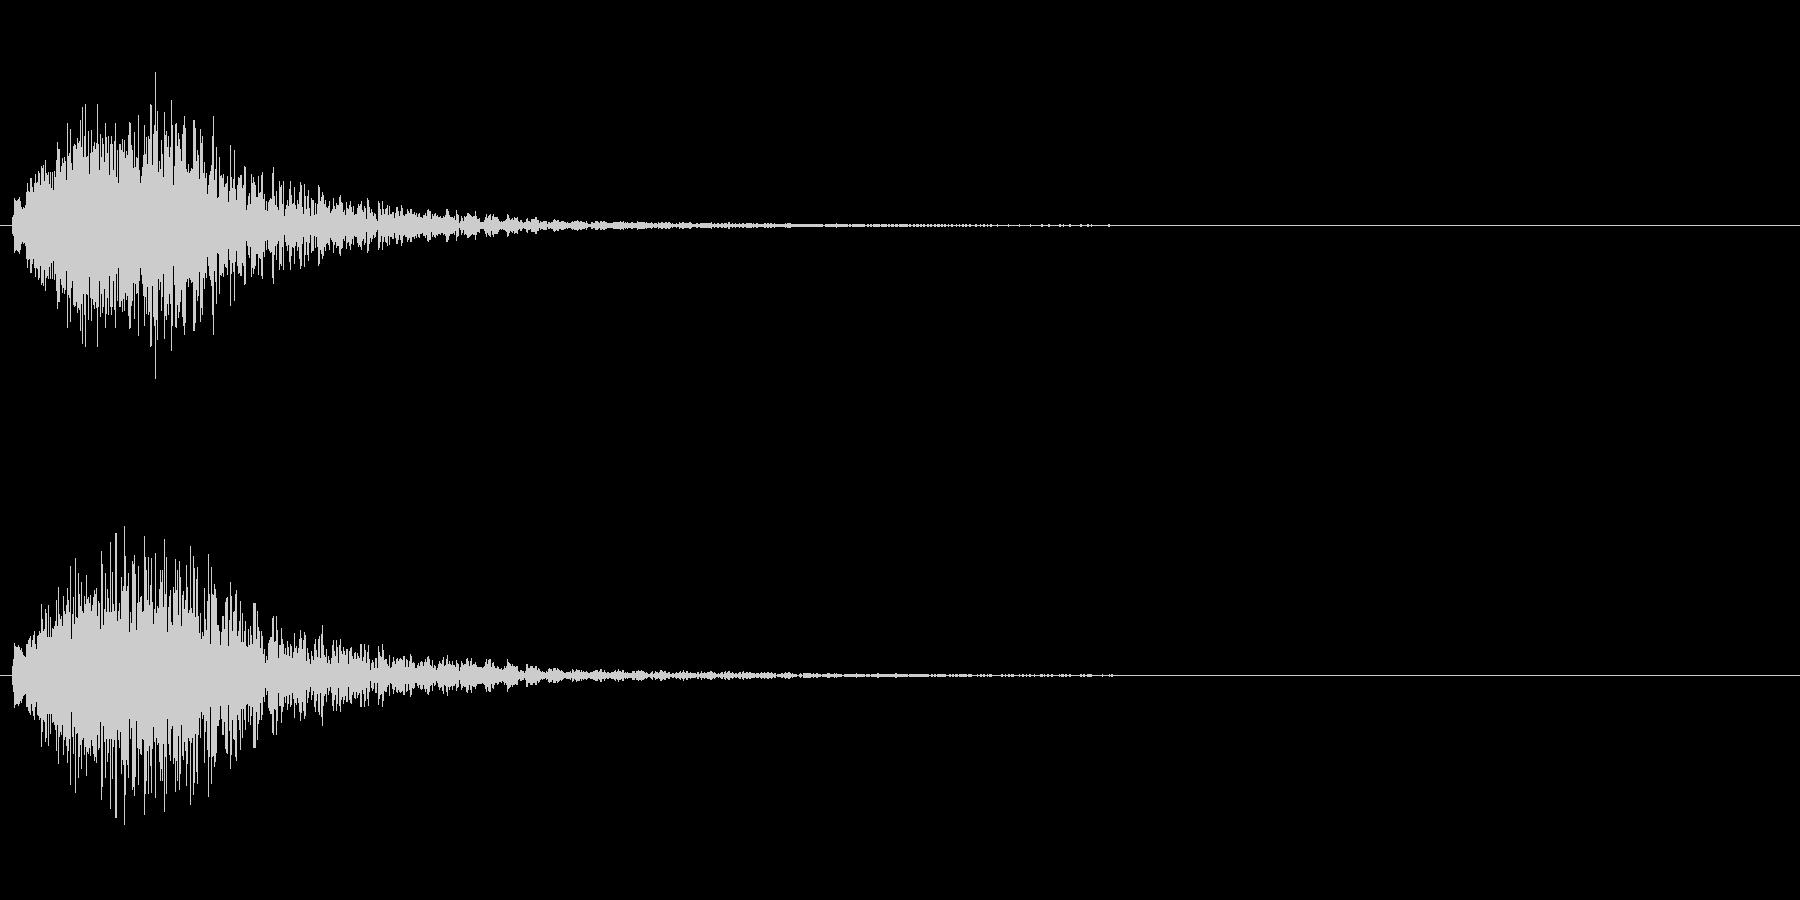 ハープのグリッサンド 下降形の未再生の波形